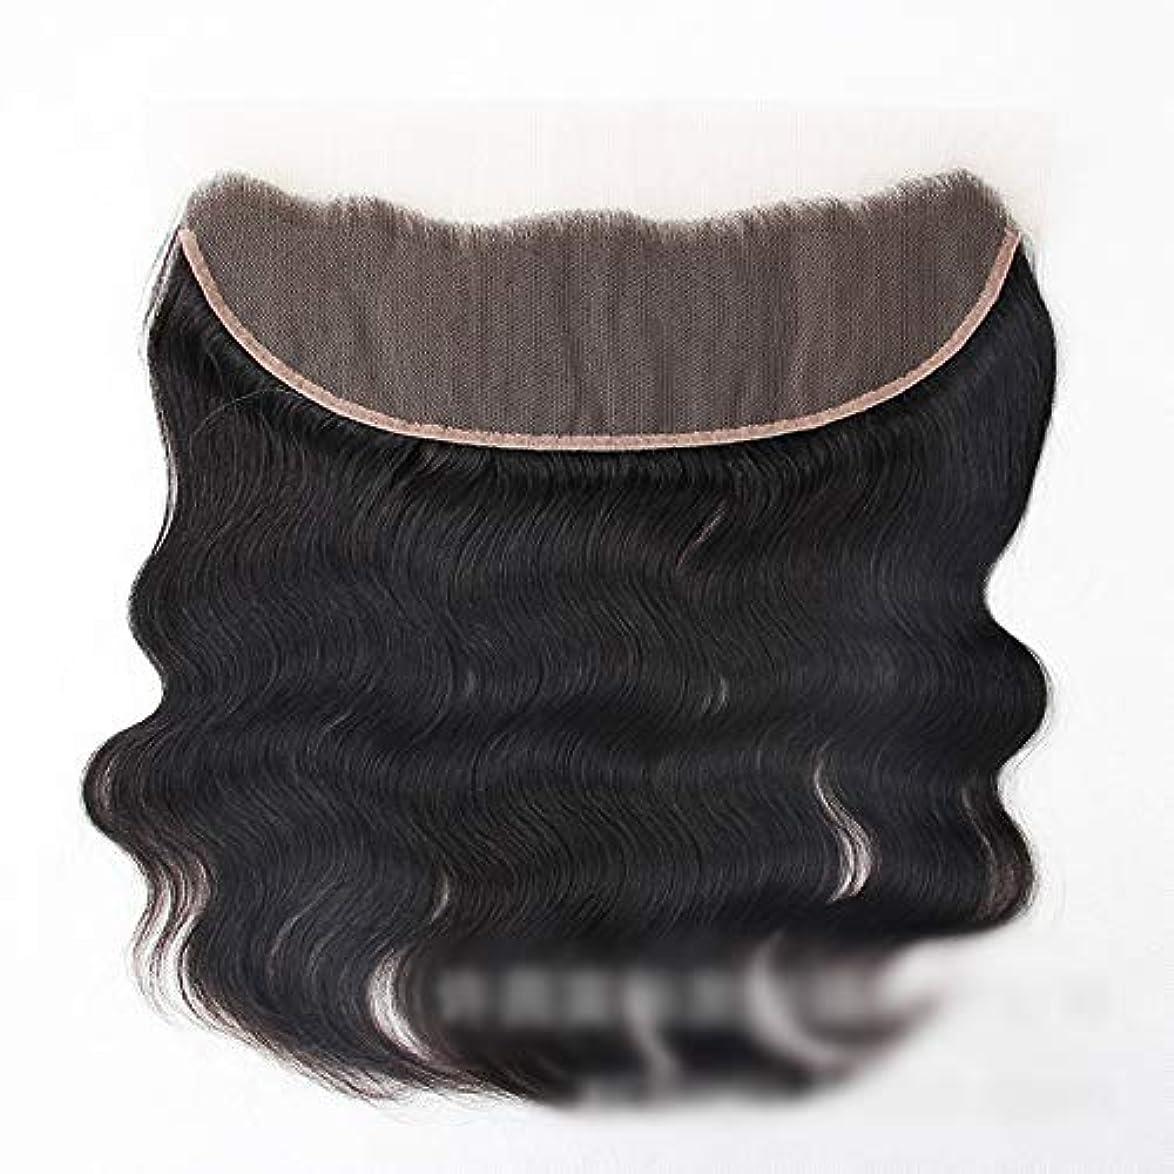 マーキーマージンへこみMayalina 13 * 4レース前頭閉鎖自然な人間の髪の毛の前頭実体波ヘアエクステンション女性の短い巻き毛のかつら (色 : 黒, サイズ : 12 inch)